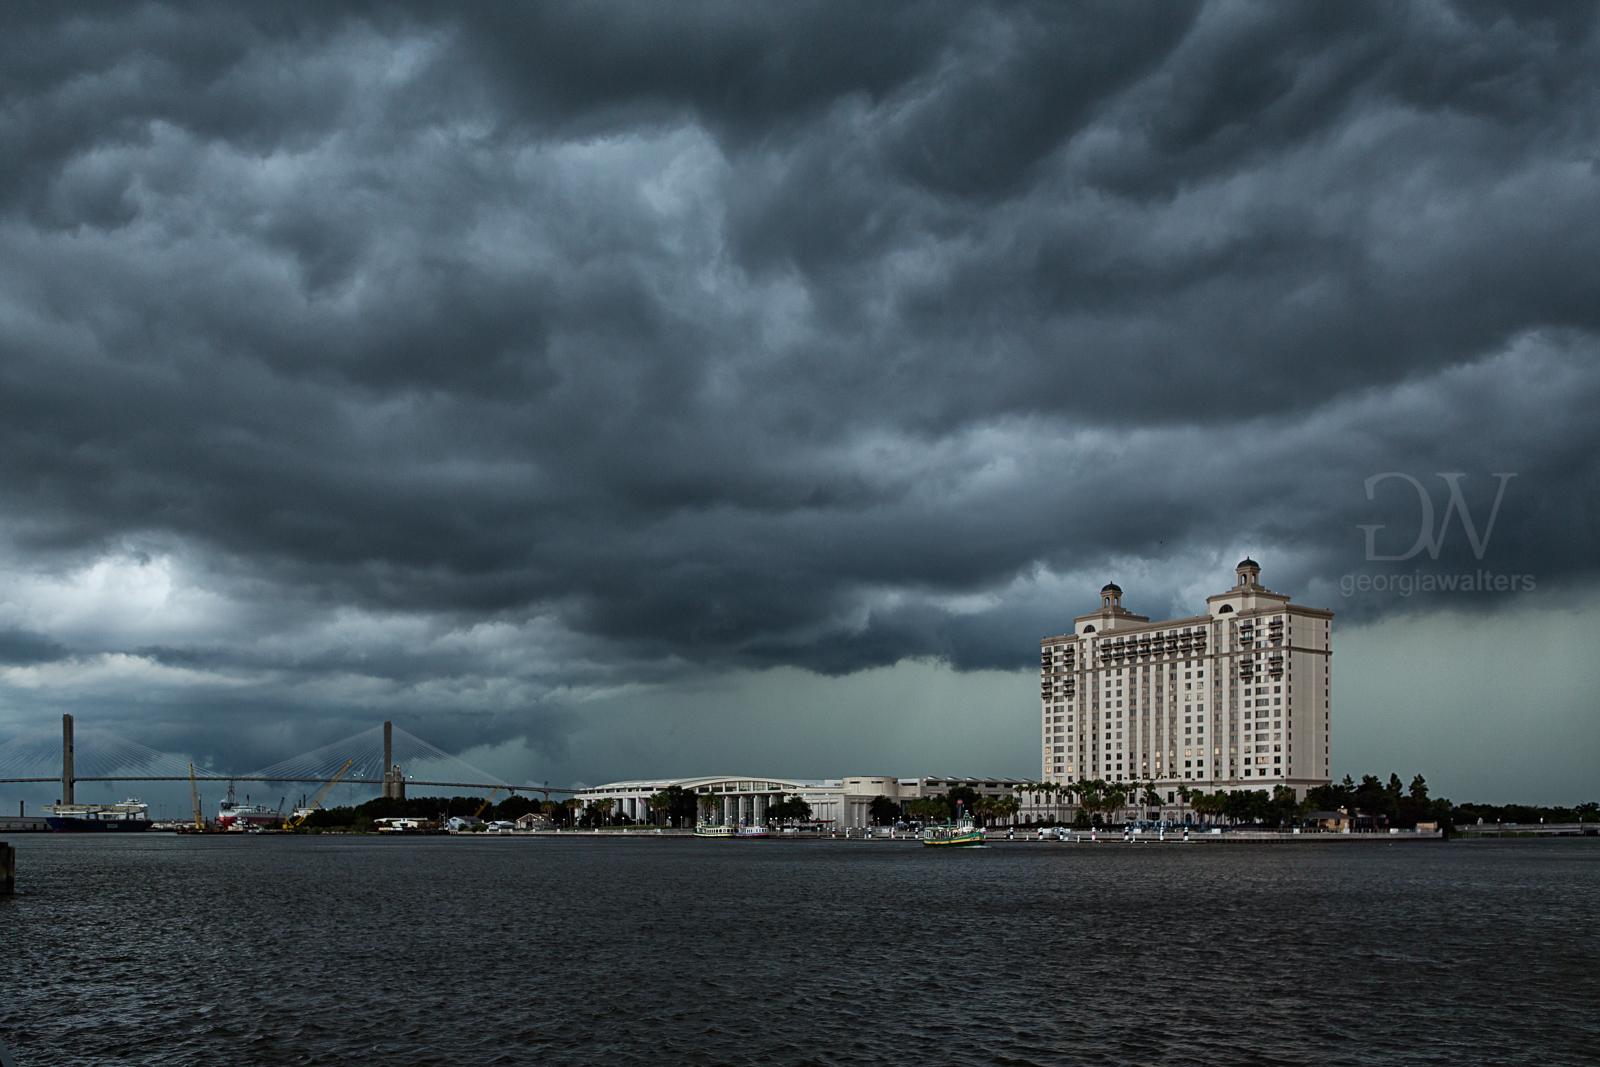 A storm brews over the Savannah River in Savannah, GA.